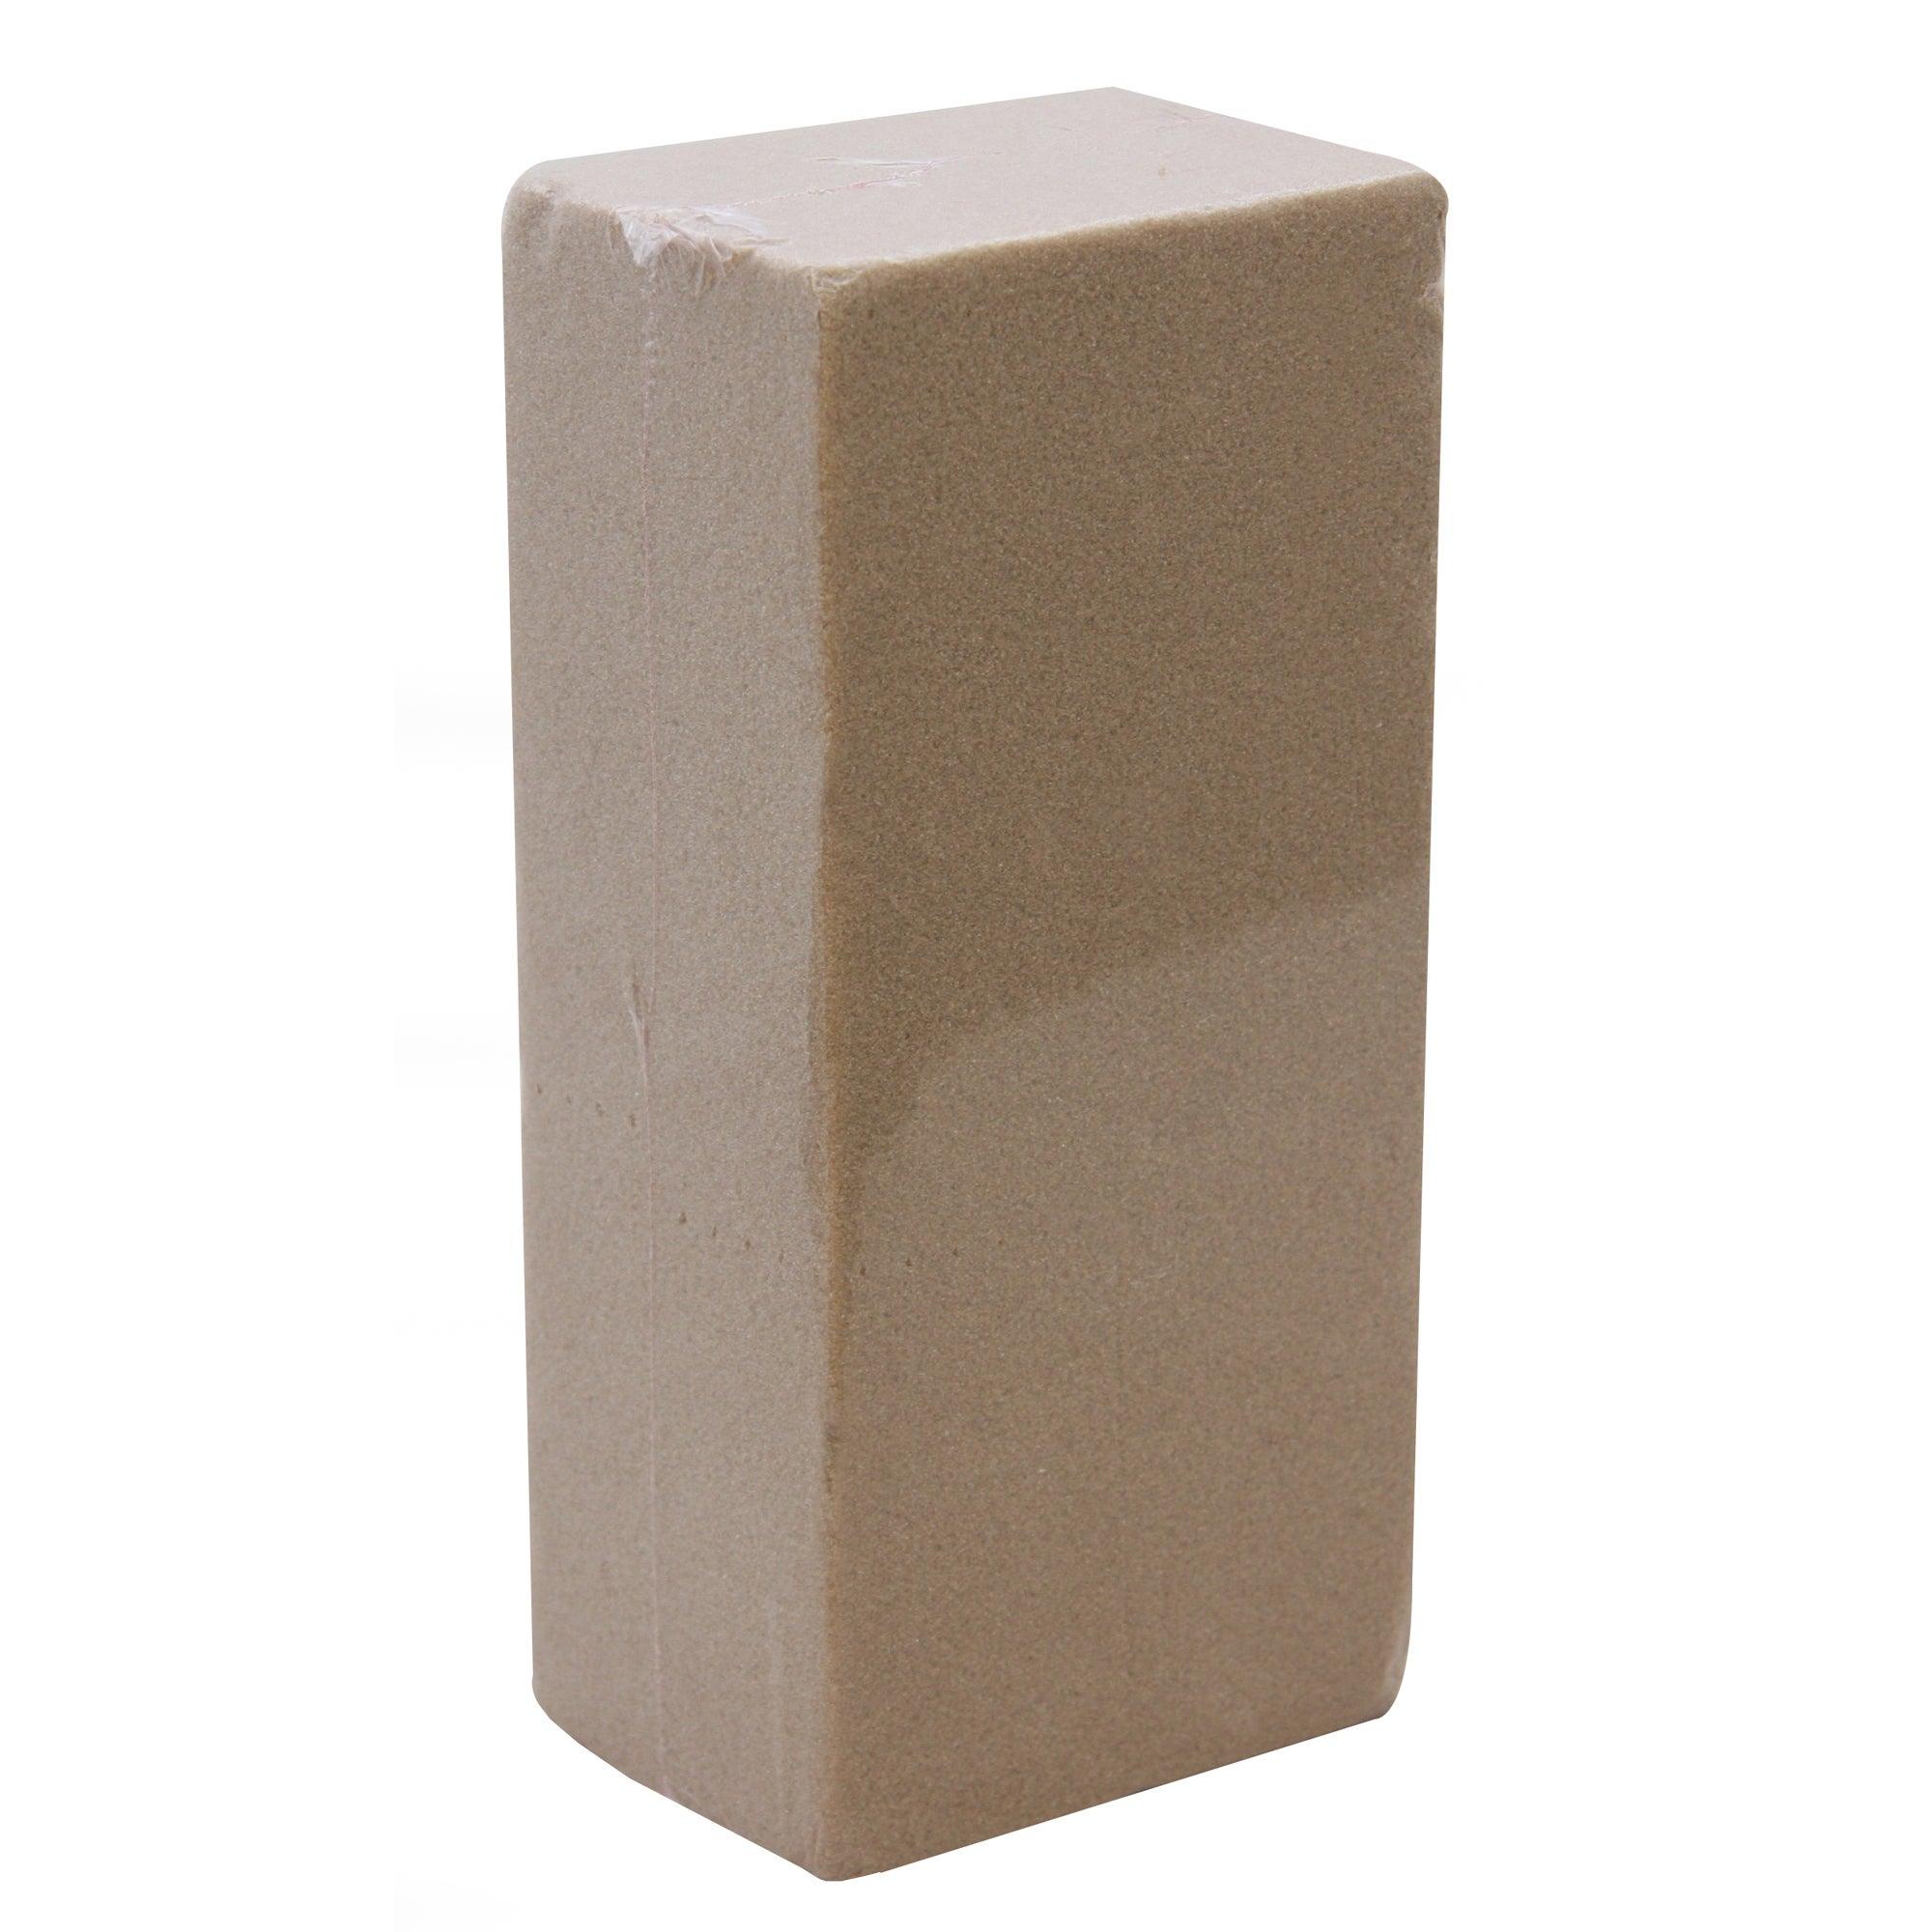 Floral Foam Brick